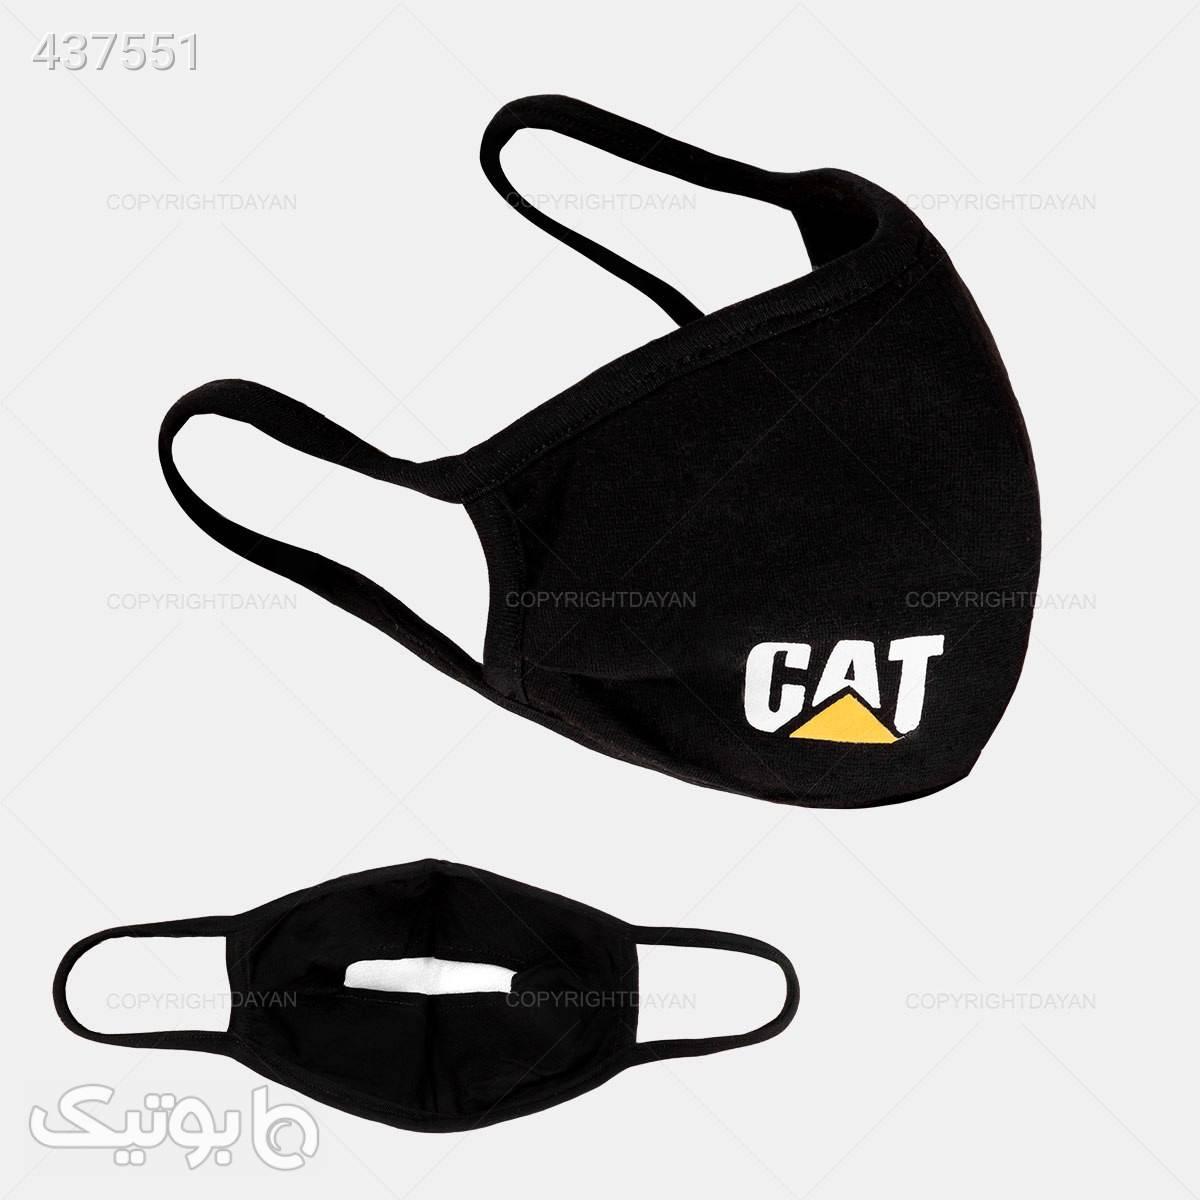 پکیج 5 عددی ماسک پارچه ای مدل Cat  مشکی بهداشت و مراقبت بدن